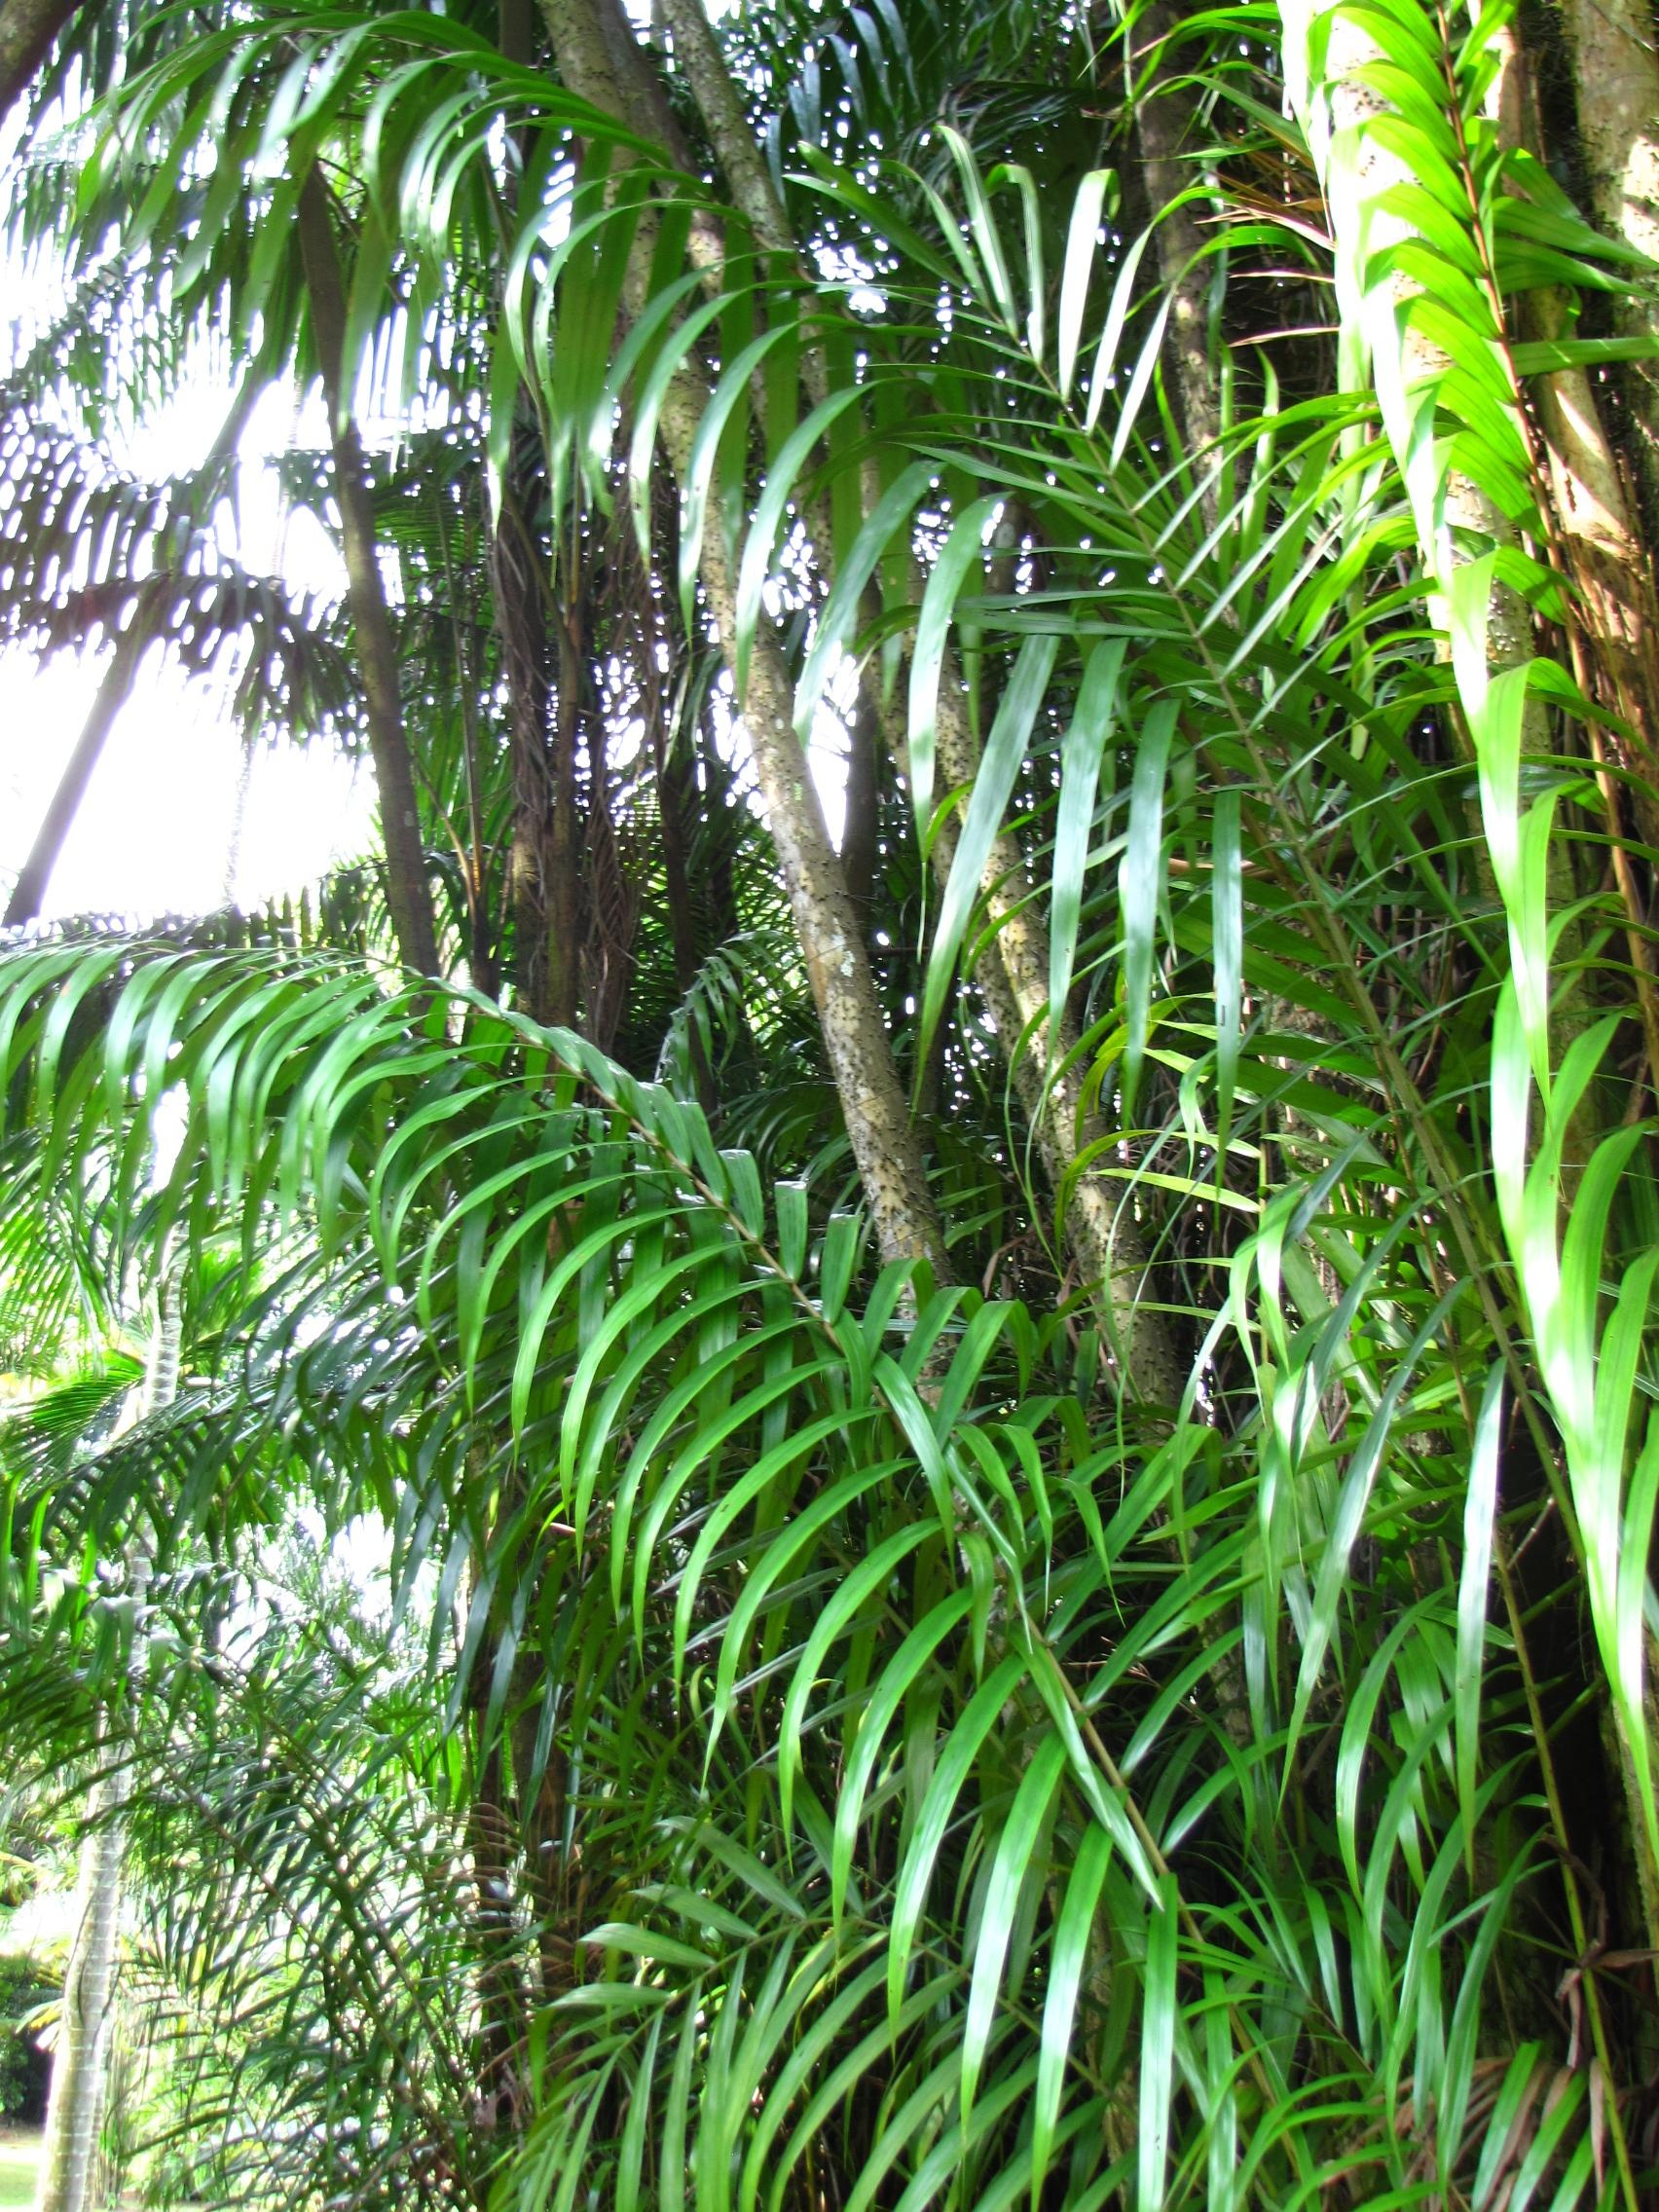 exotische sch nheit mit stacheln bewehrt nibung palme pflanzen magazin pflanzen. Black Bedroom Furniture Sets. Home Design Ideas